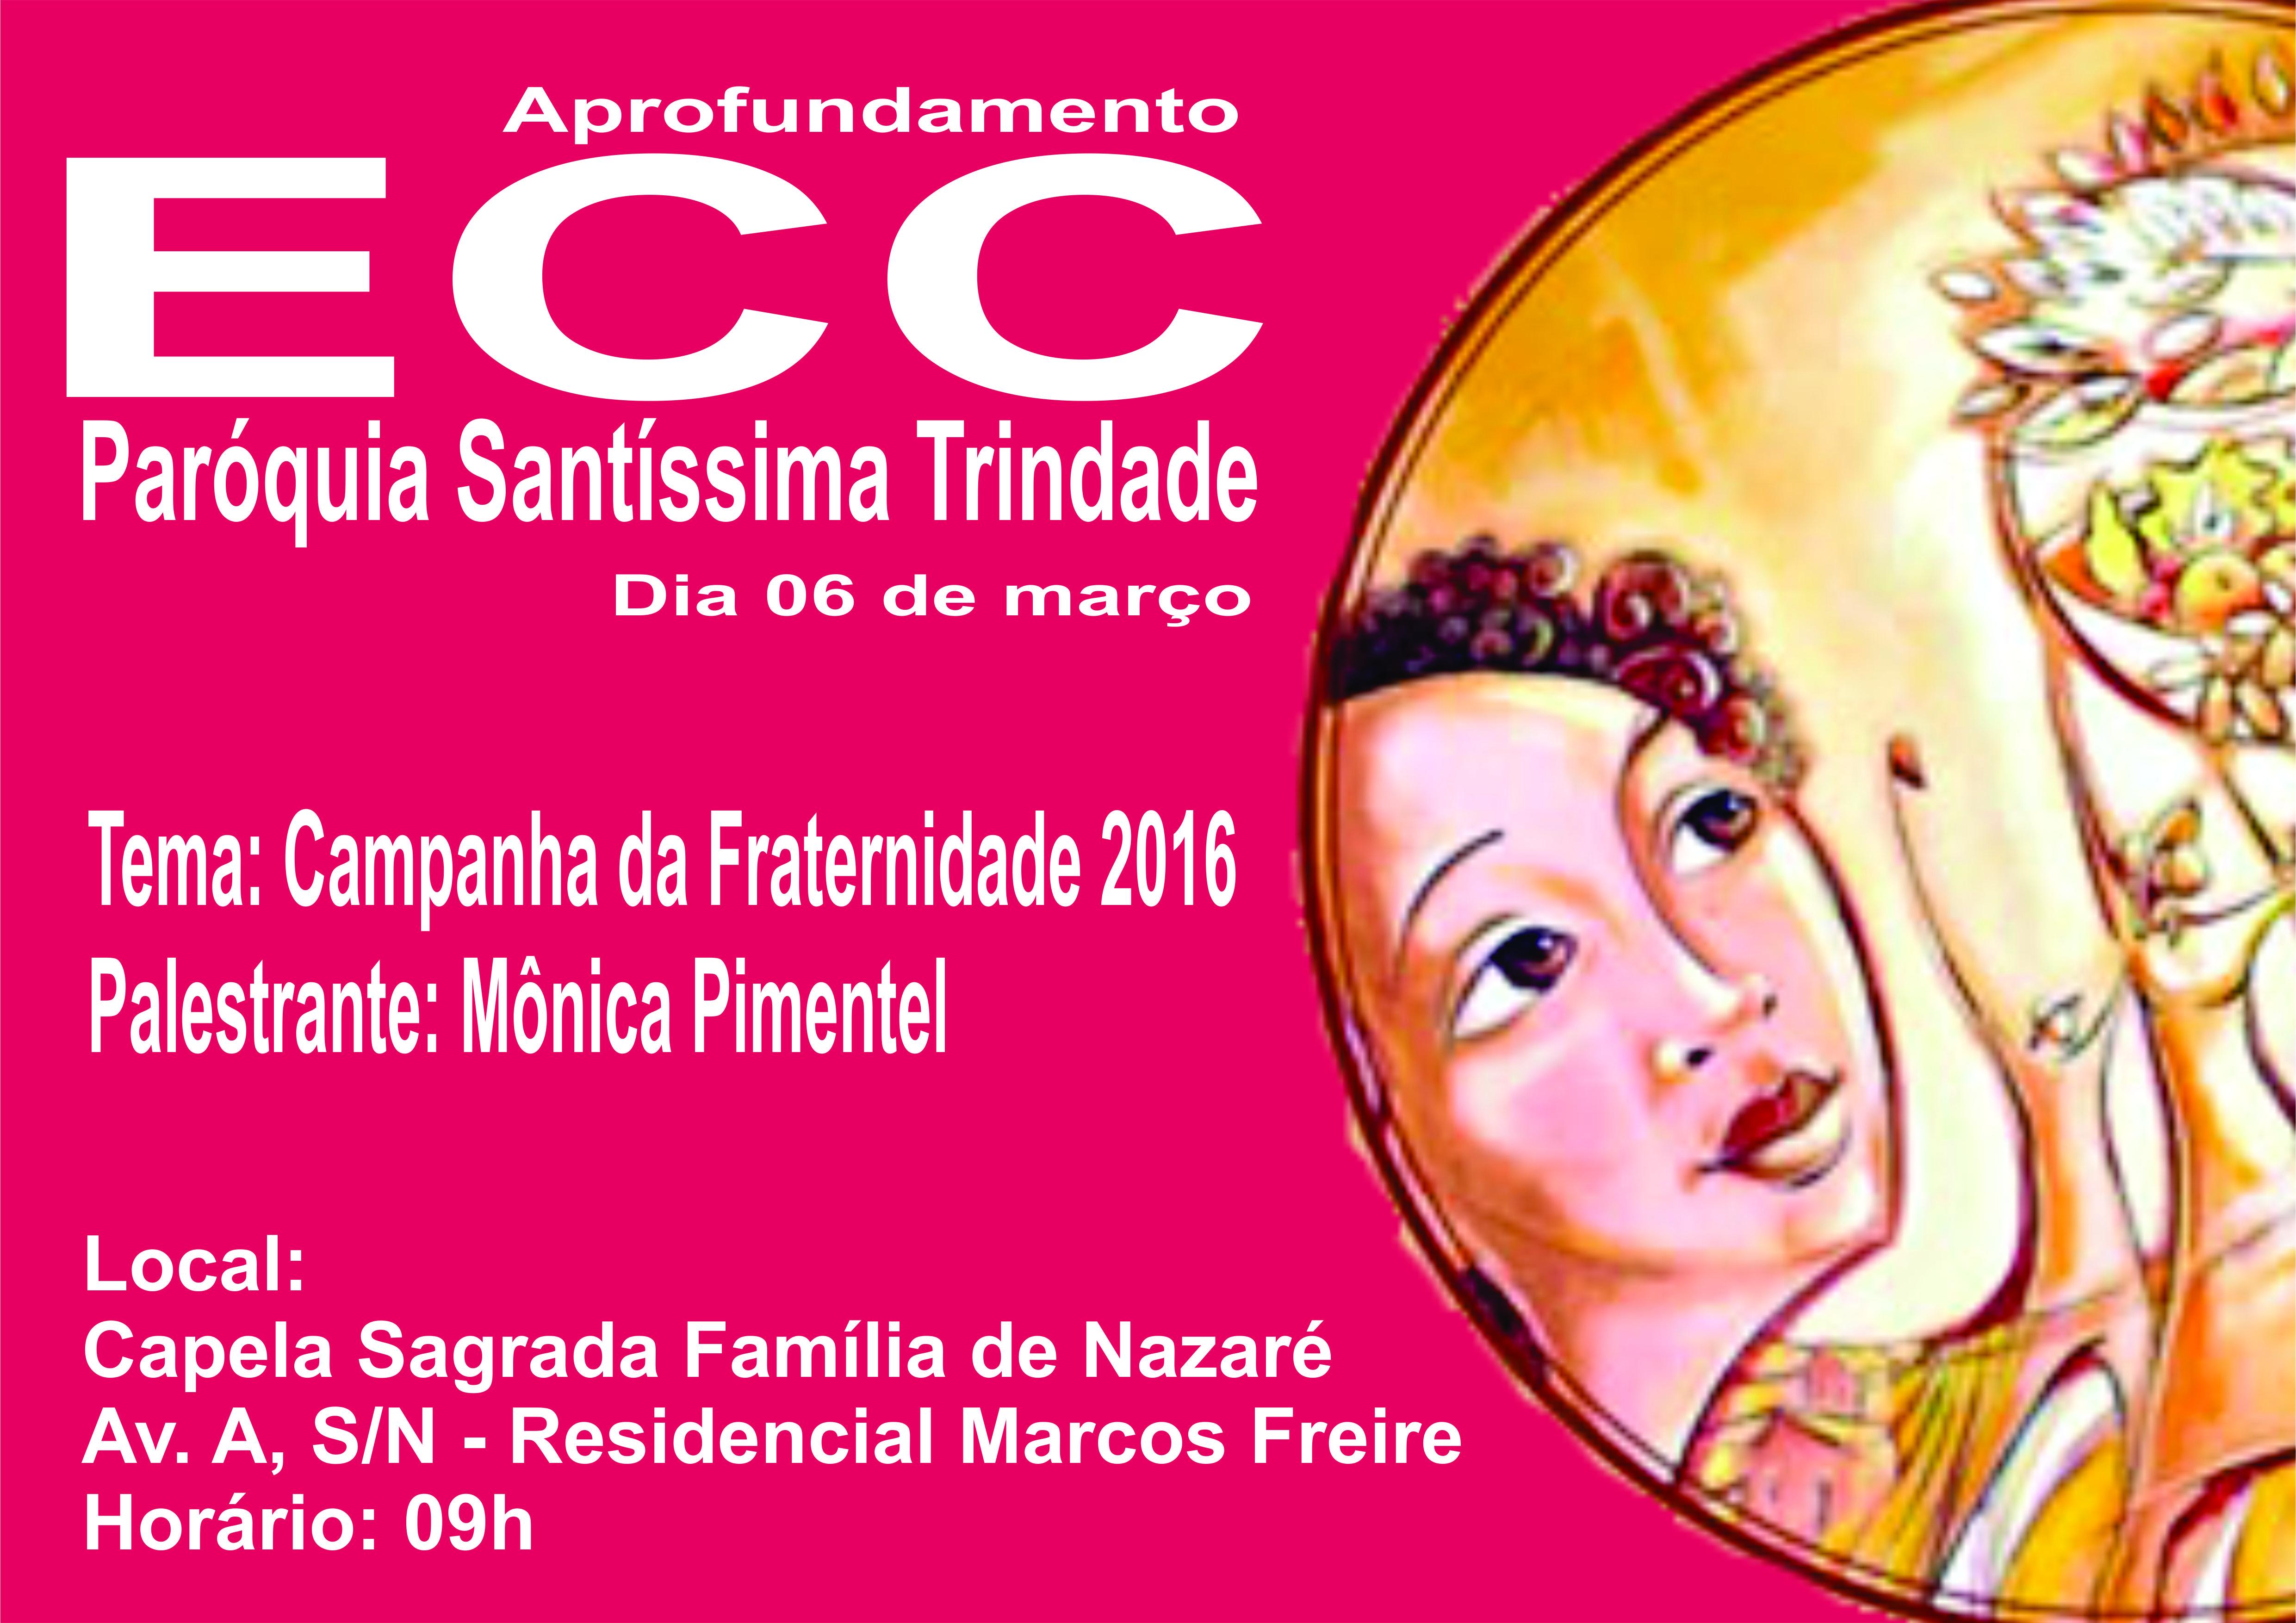 Mensagens Catolicas Para Casal Do Ecc